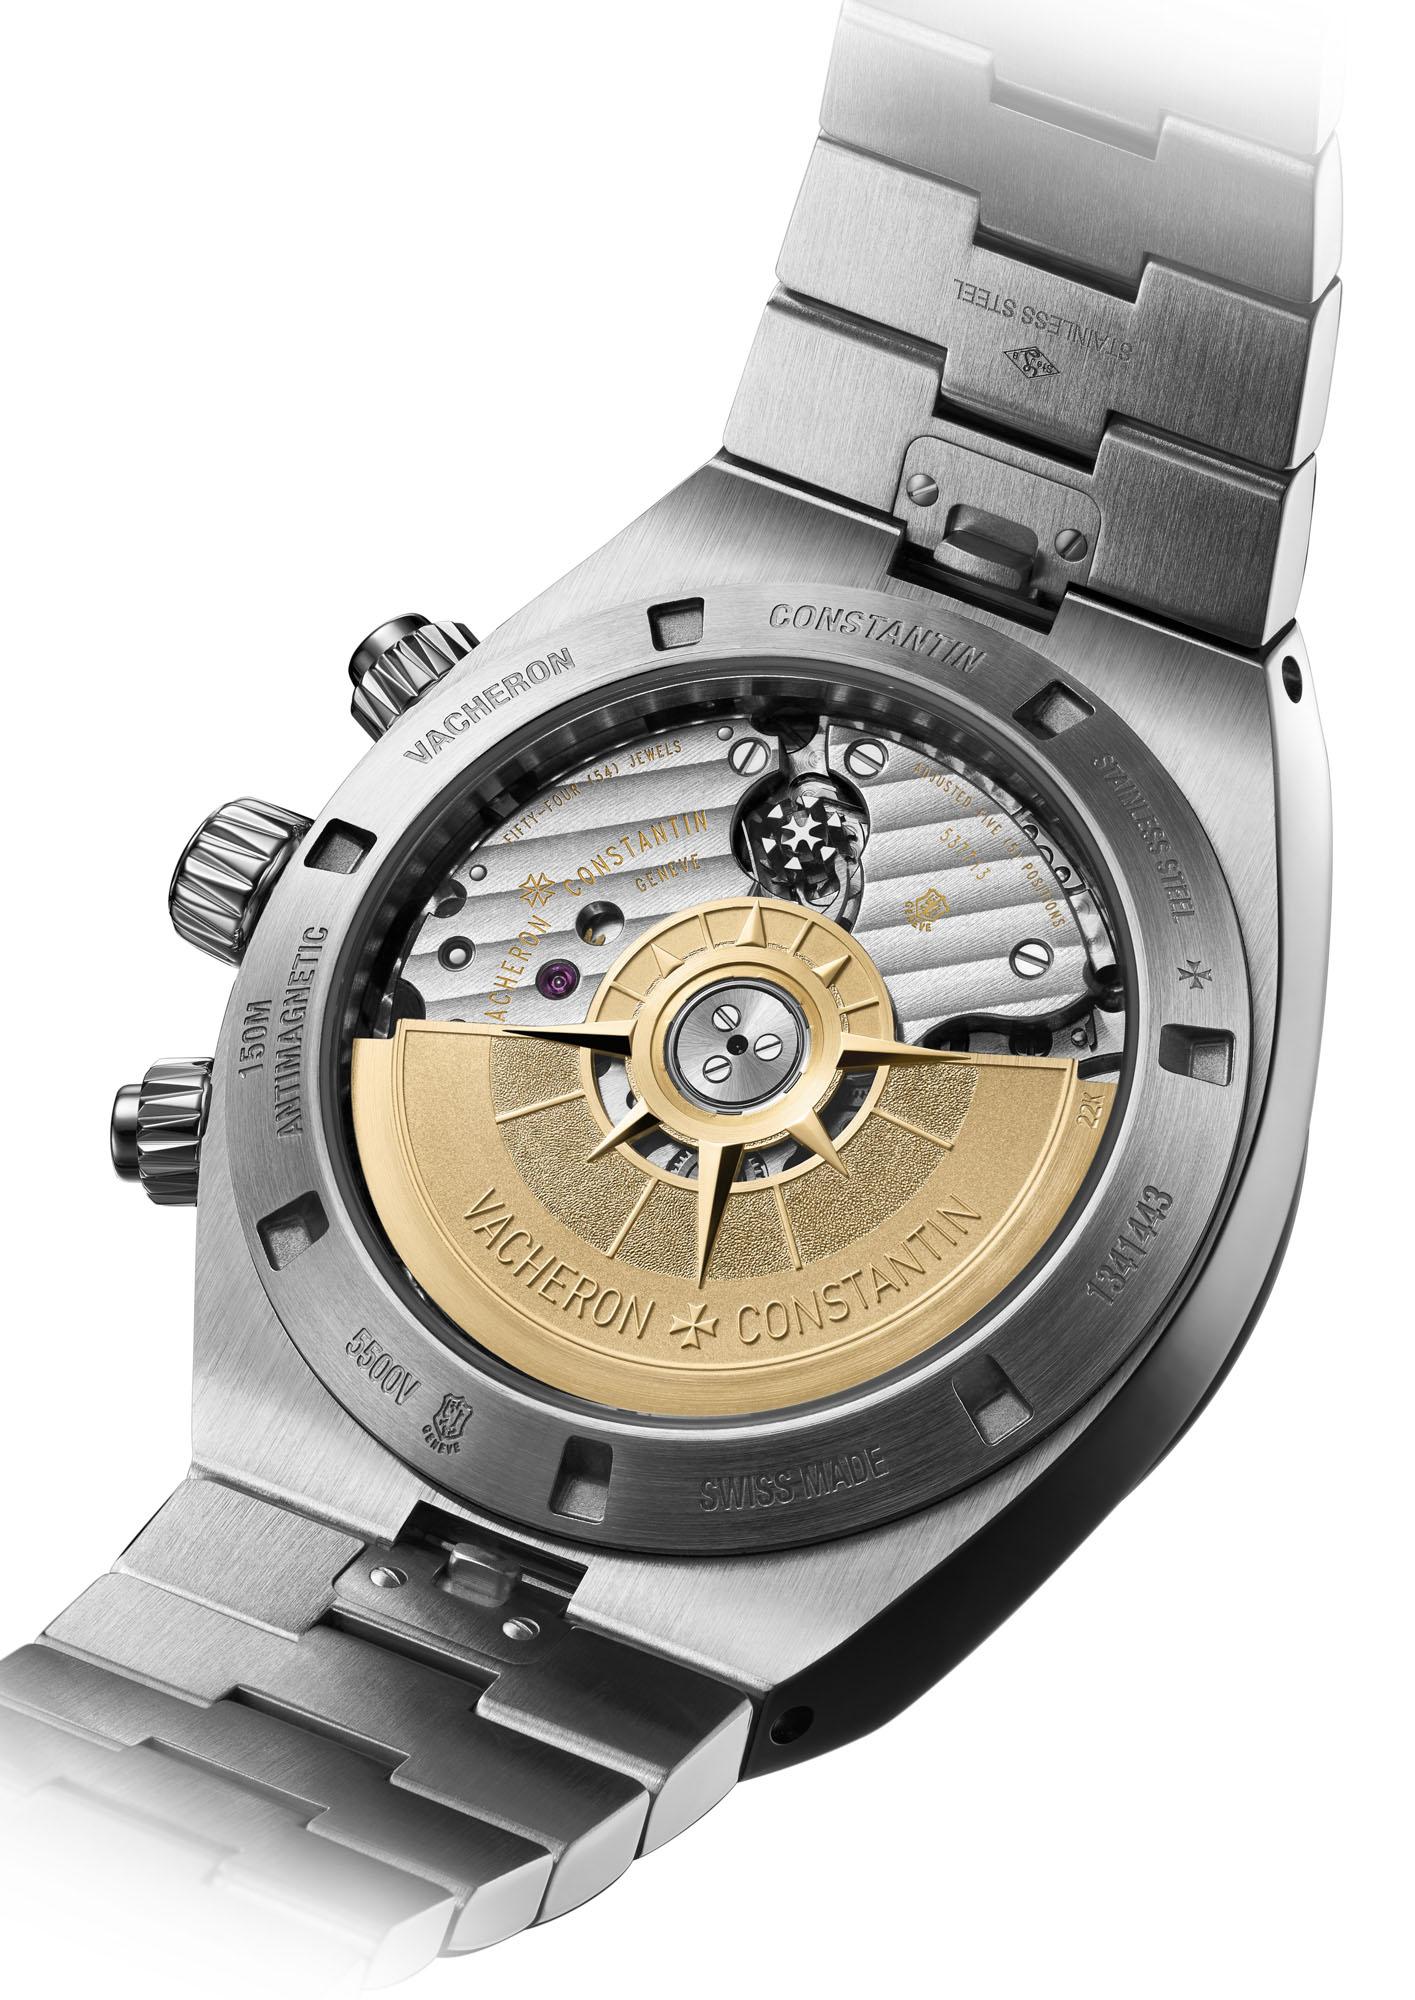 Vacheron Constantin Overseas Chronograph, Vacheron Constantin Overseas Chronograph 5500V, Vacheron 5500V, 5500V/110A-B148, 5500V/110A-B075